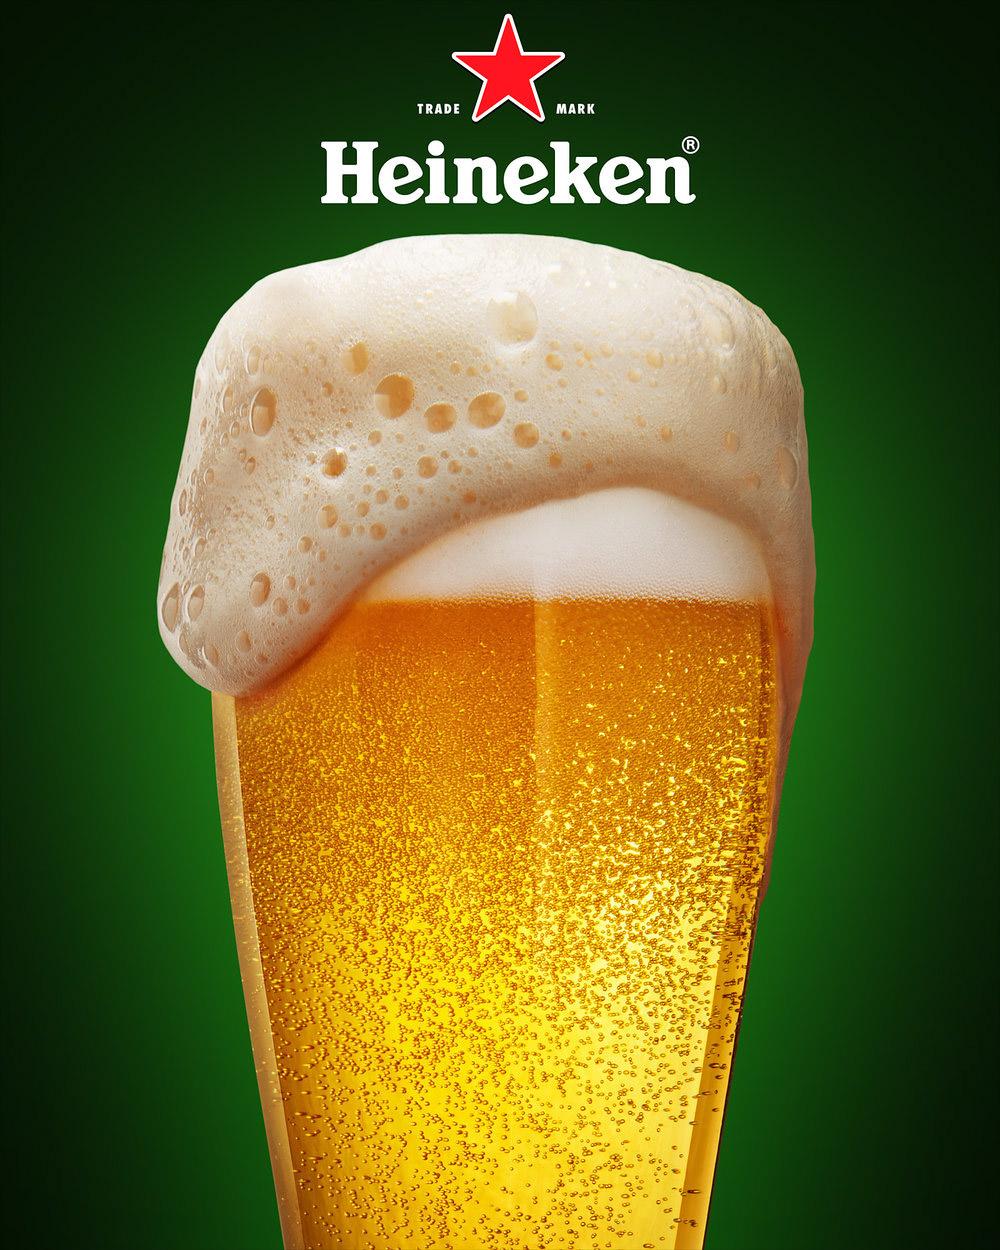 002-181019_NS_Heineken_498_BMS_R1_1_web.jpg